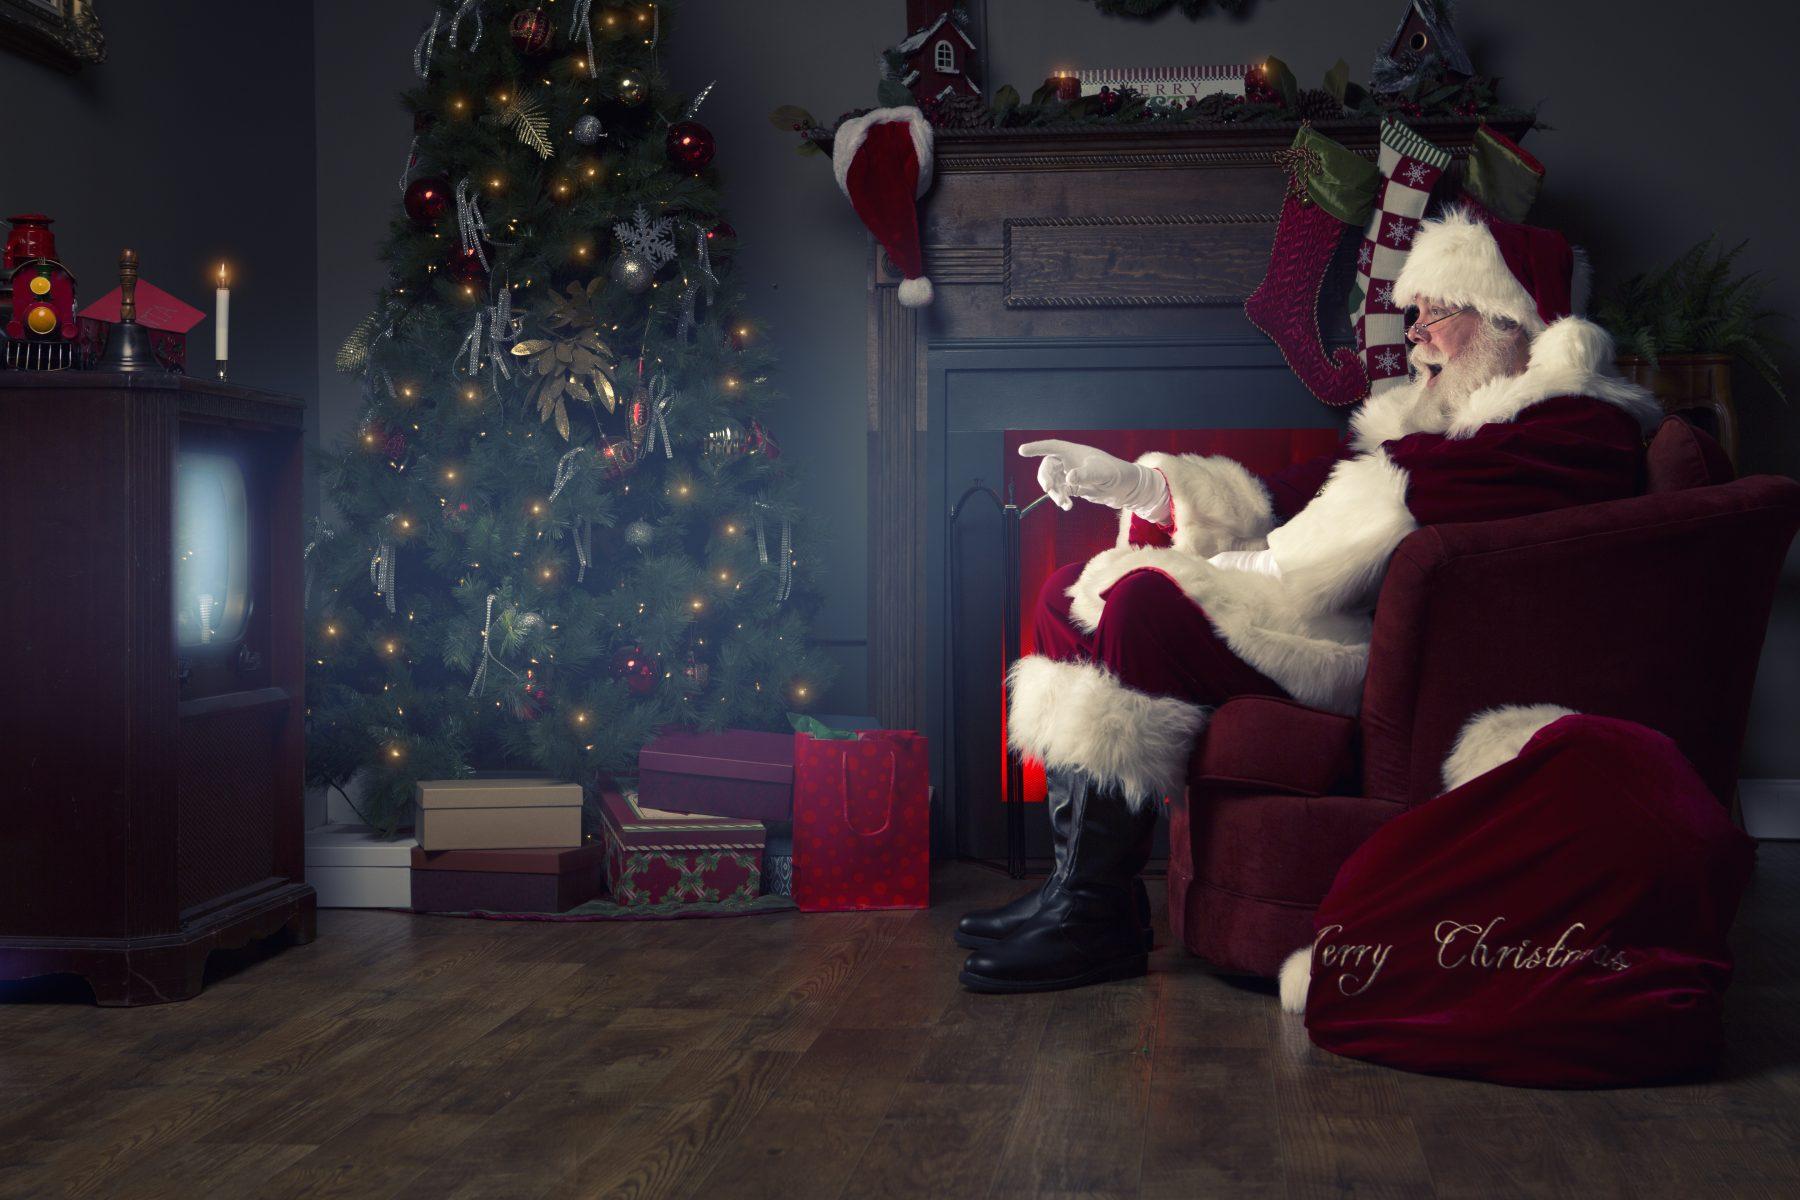 ea2c53b4f061fe Altijd genieten  de mooiste kerstcommercials van dit jaar - LINDA.nl